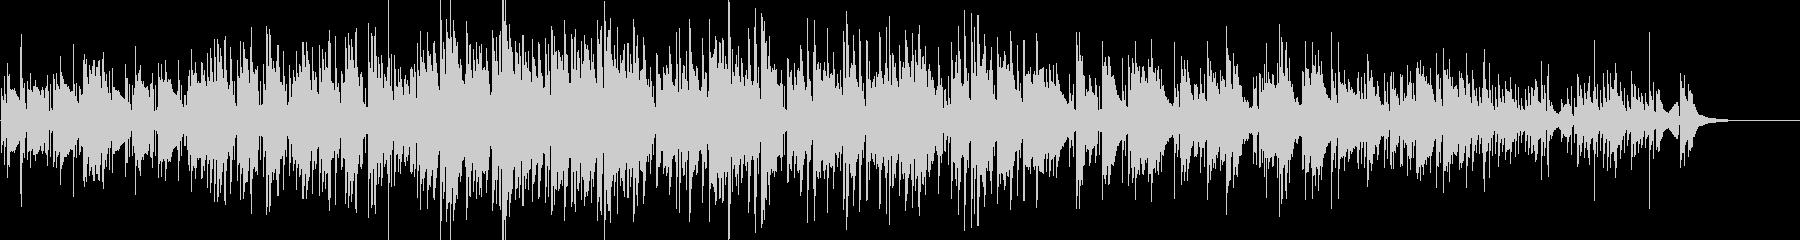 ノスタルジックなピアノインストの未再生の波形